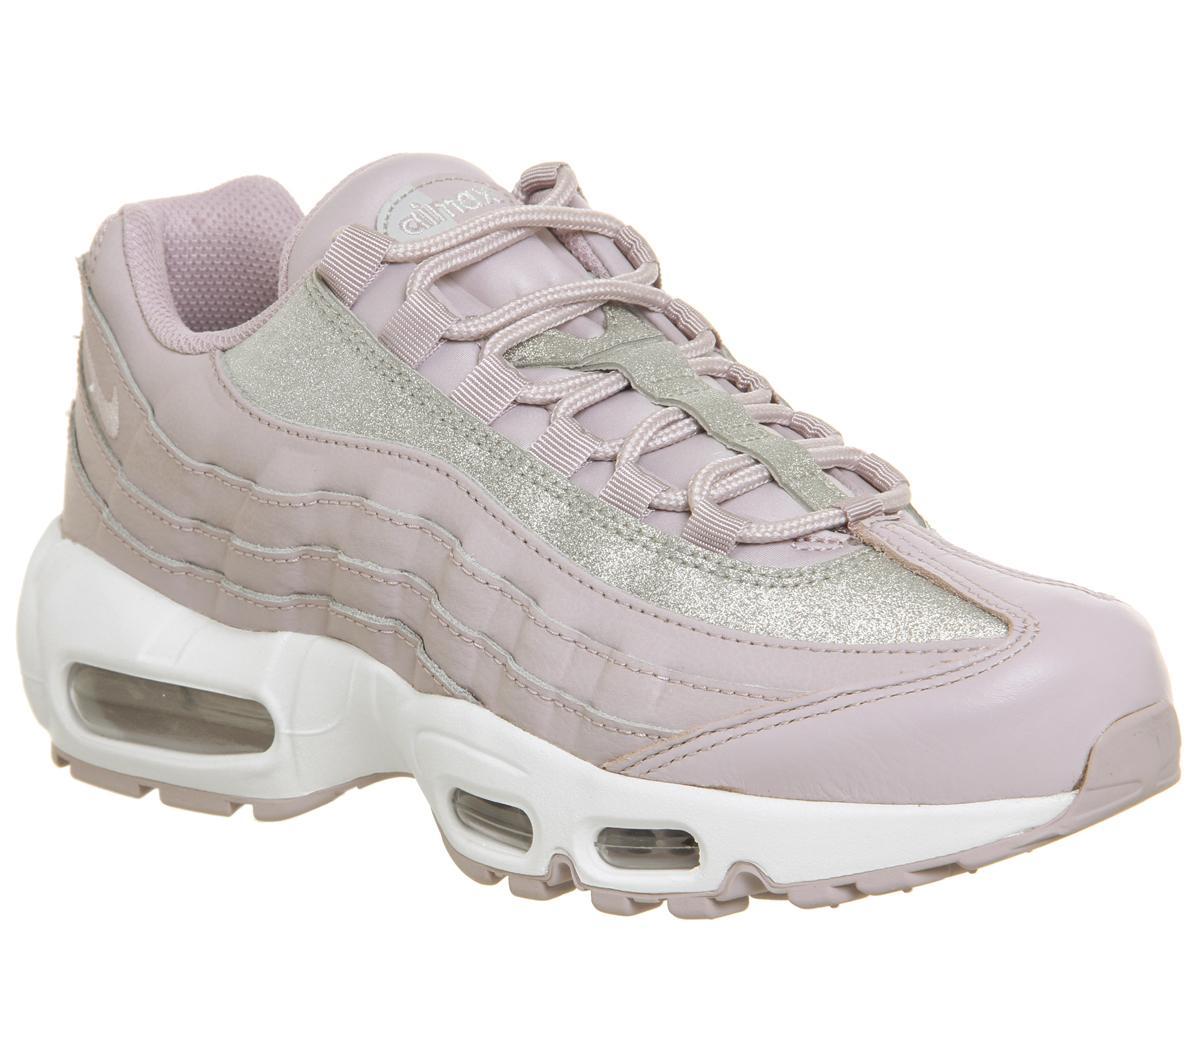 Nike Air Max 95 Trainers In Pink | sneakers | Sneakers nike